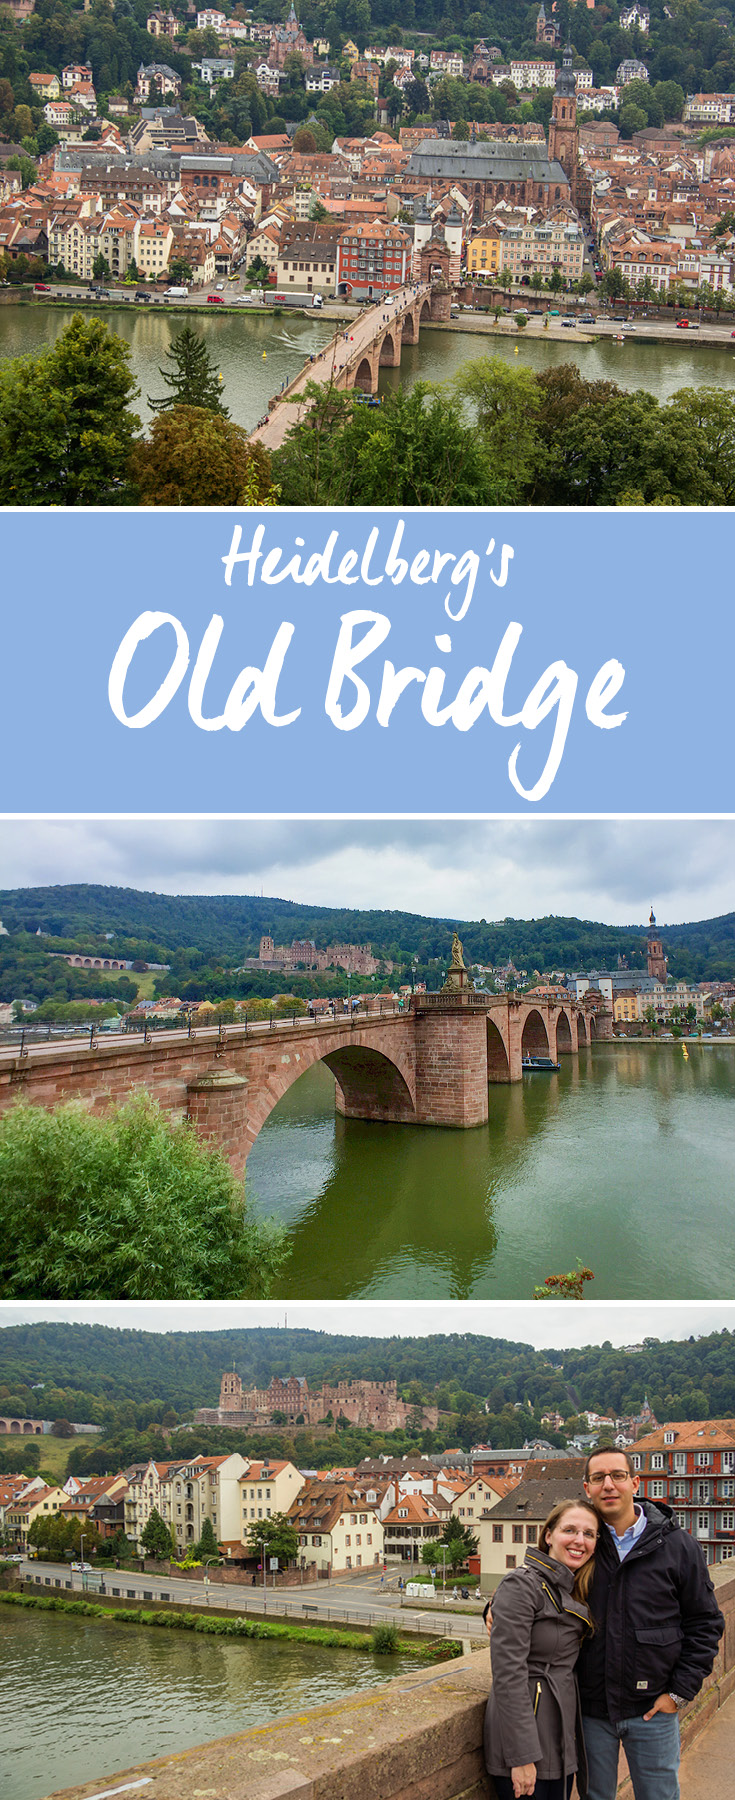 Heidelberg's Old Bridge from various vantage points | Heidelberg, Germany